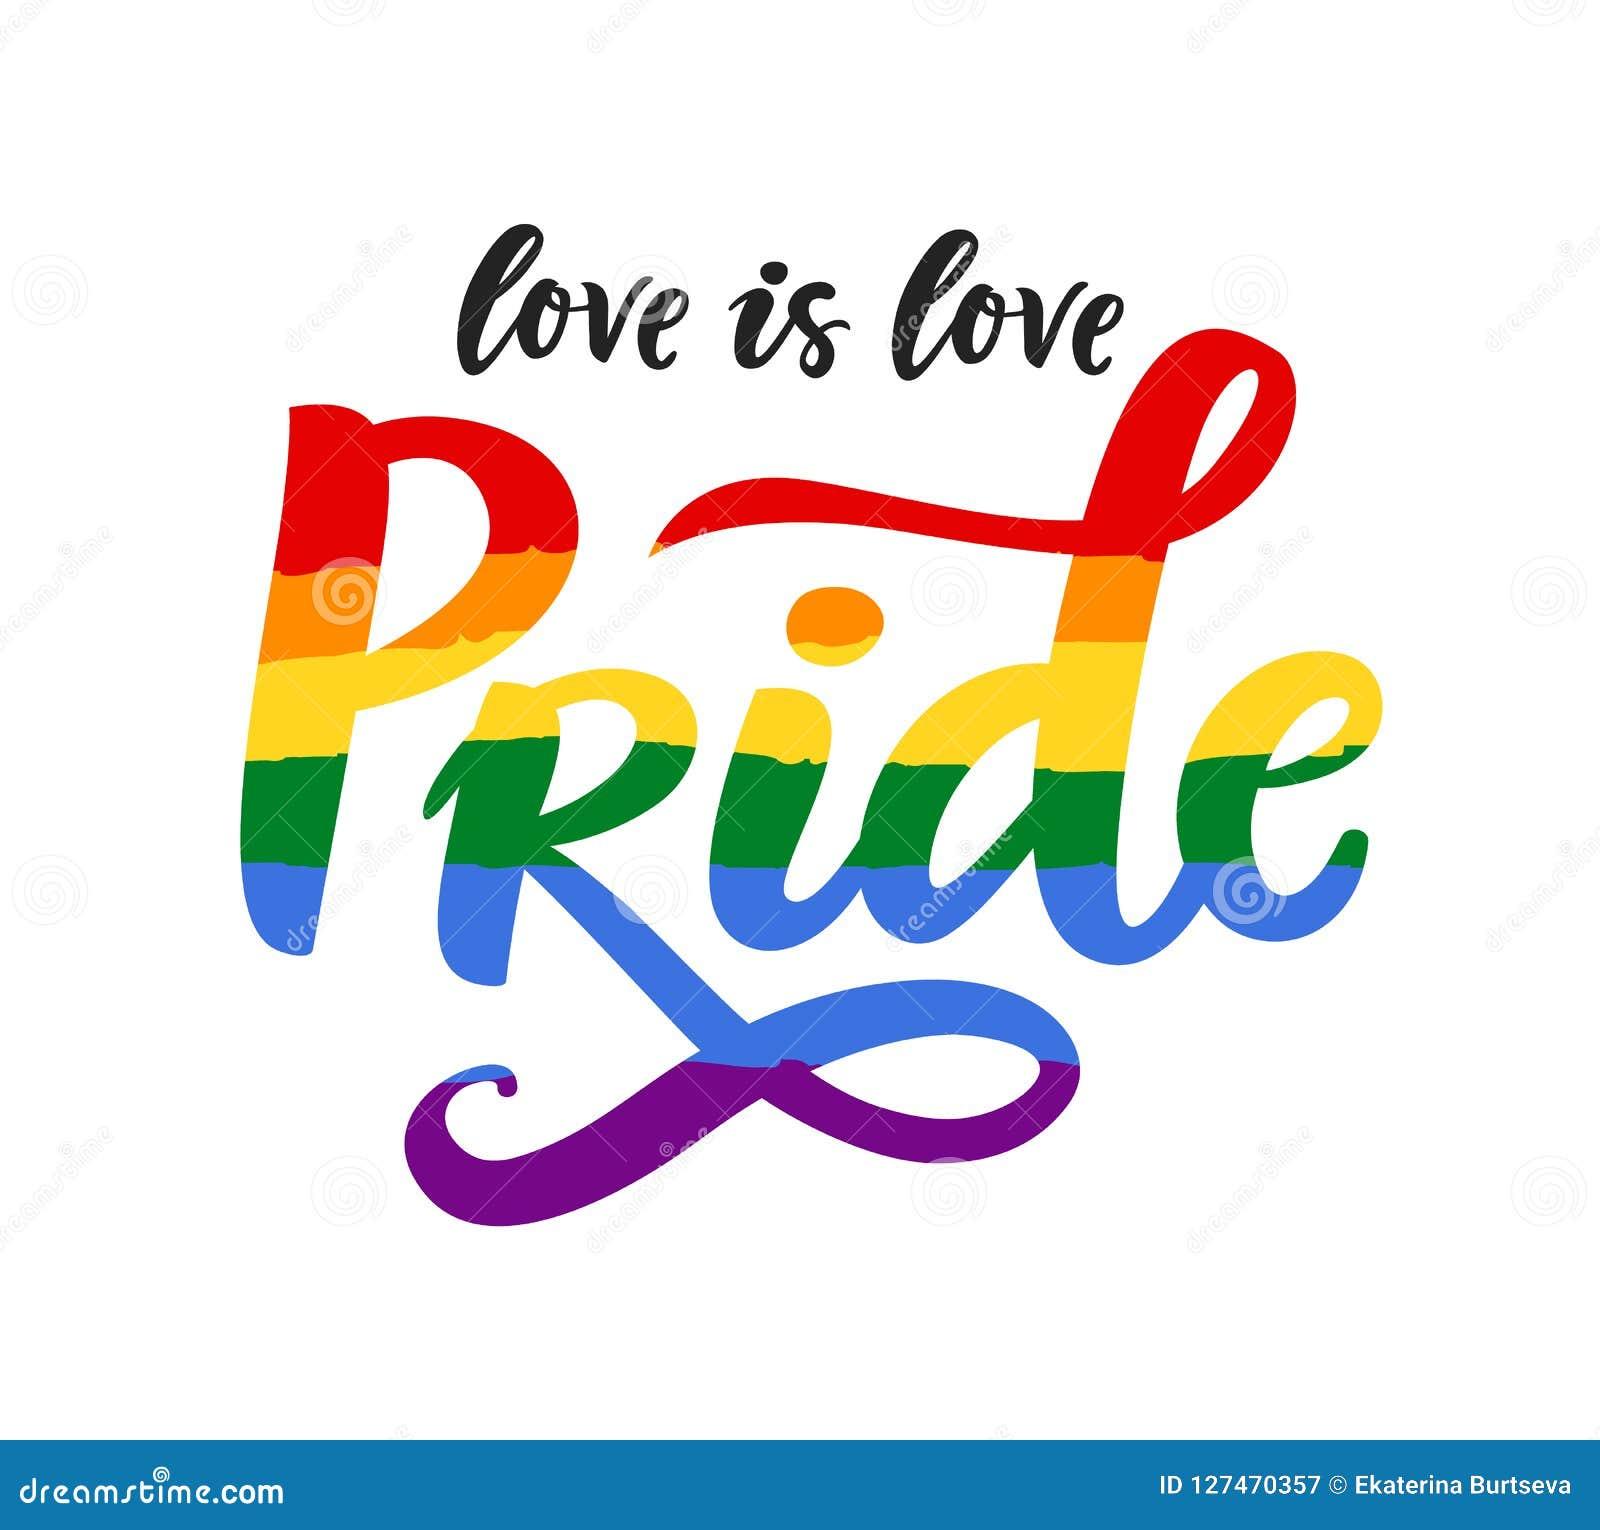 Bandera del espectro del arco iris del cartel del orgullo gay, homosexualidad, emblema de la igualdad en estilo retro